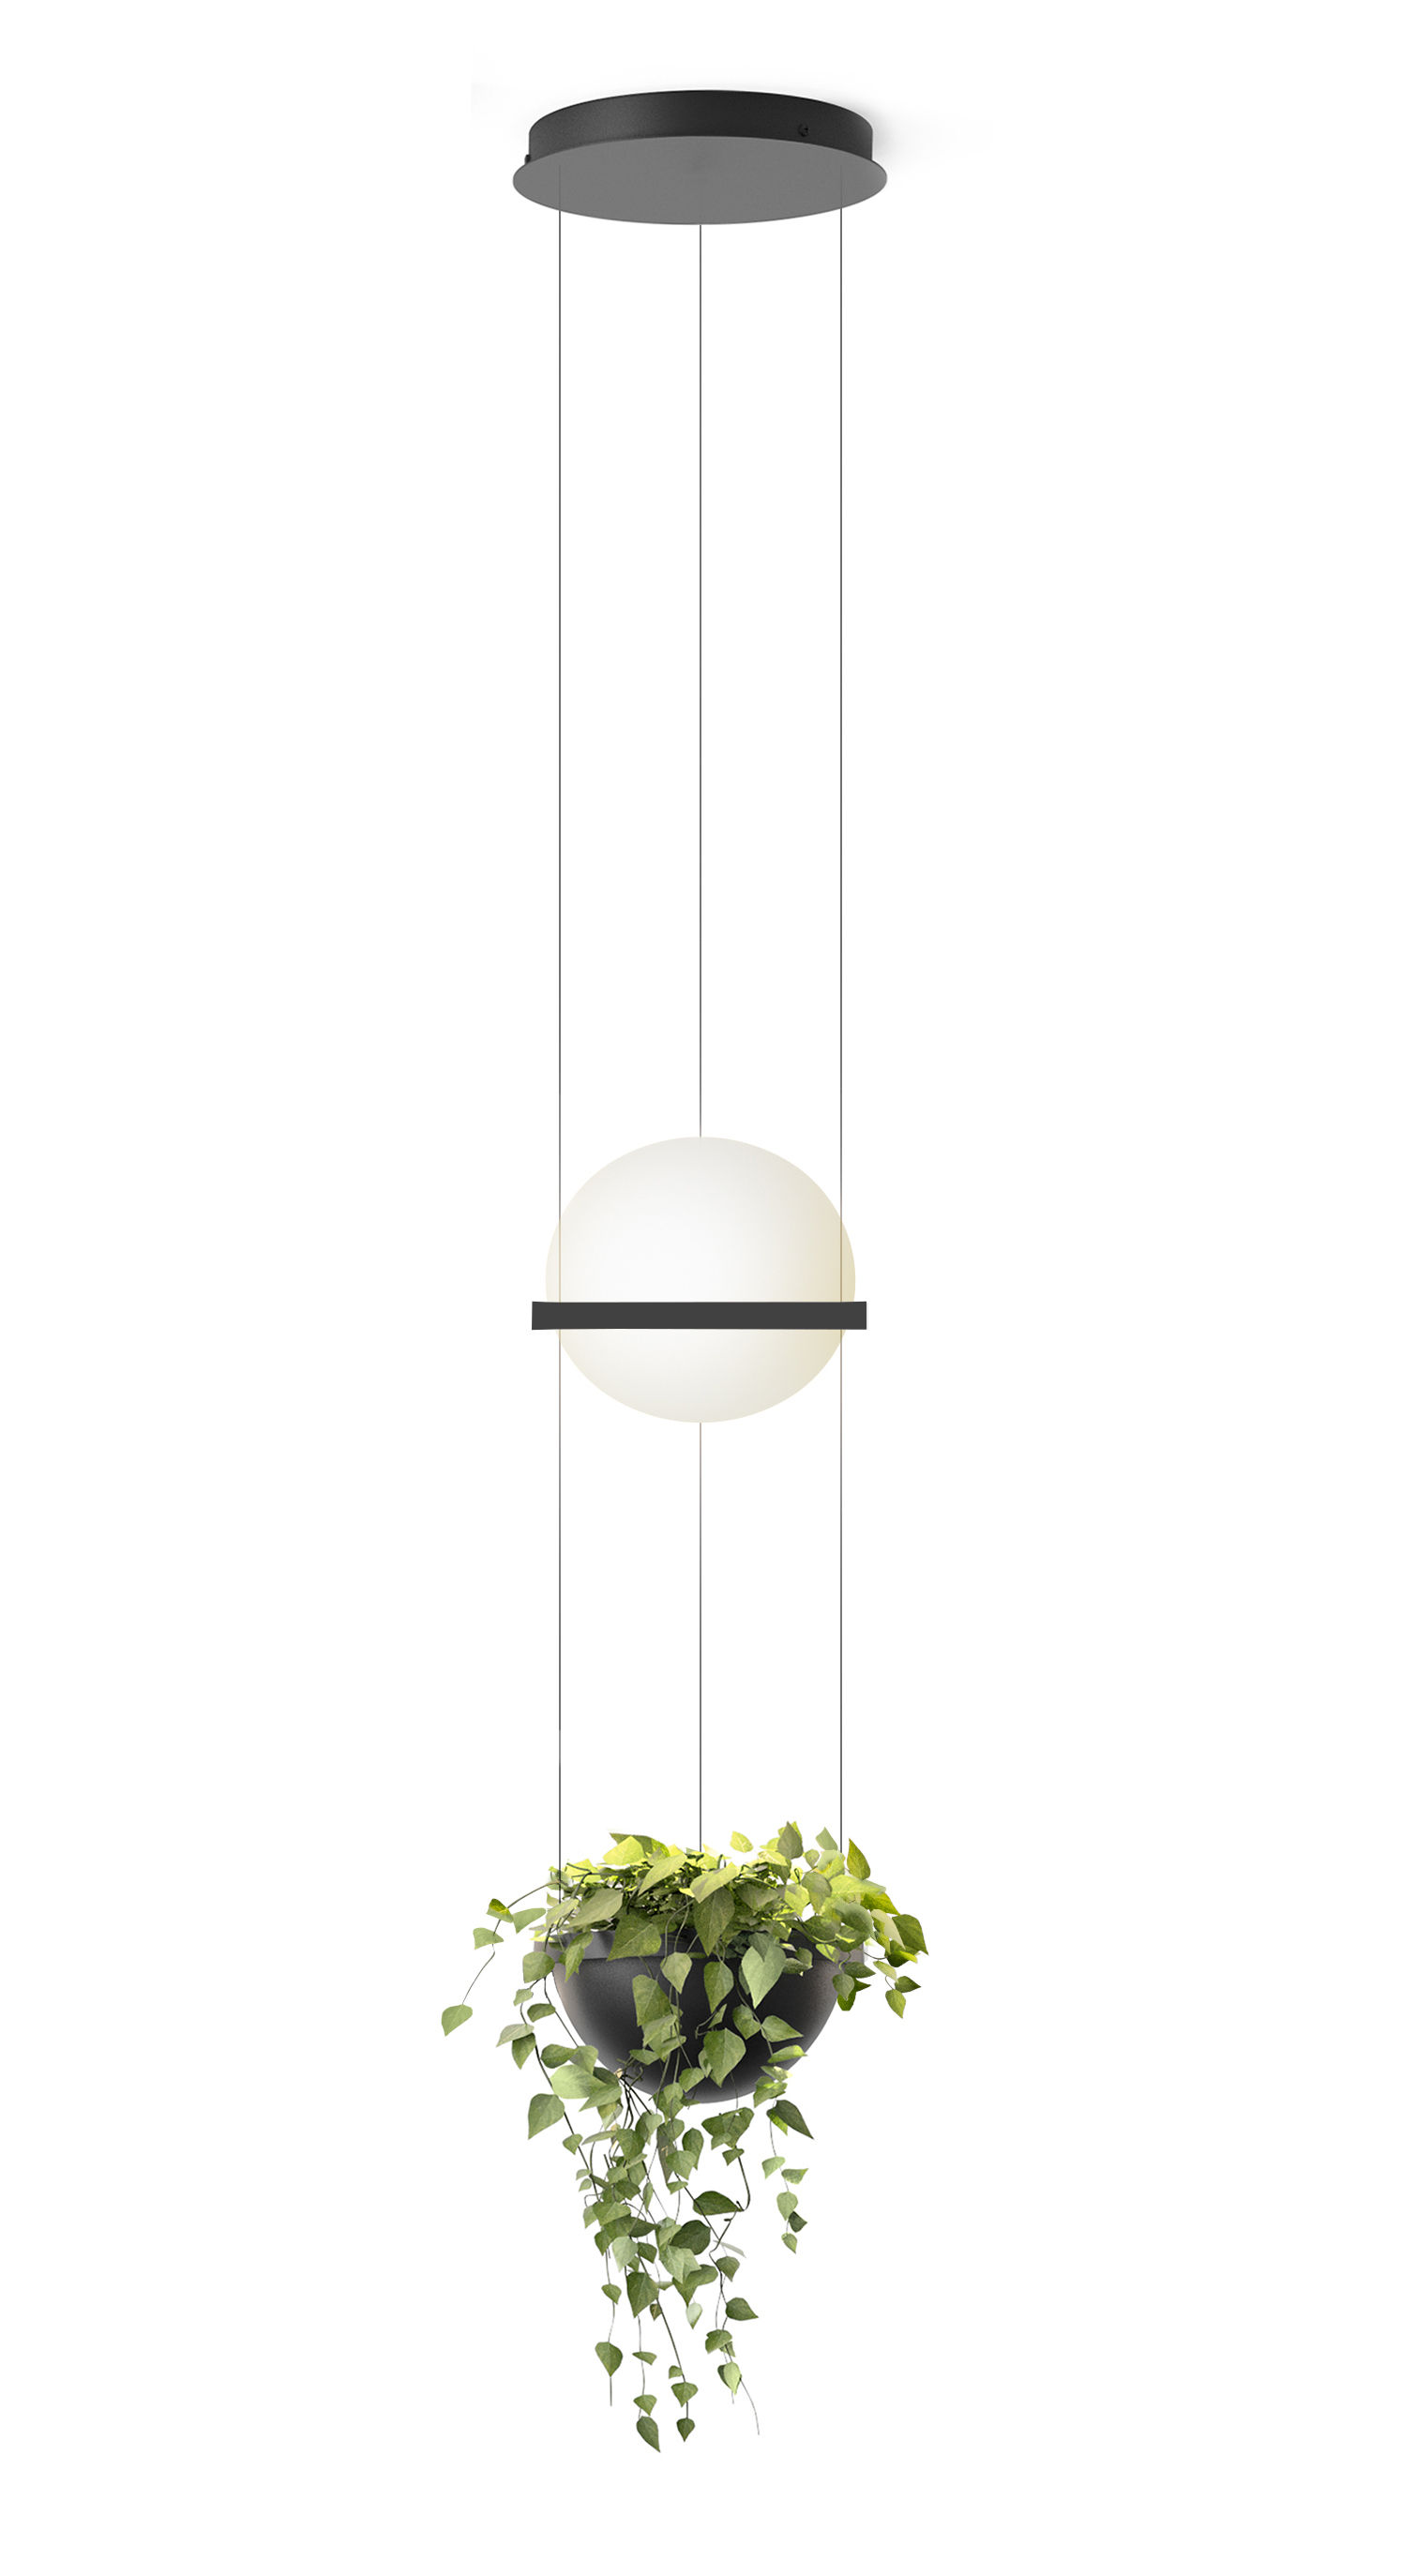 Luminaire - Appliques - Suspension Palma / Verticale & jardinière - Vibia - Laqué graphite mat - Aluminium, PMMA, Verre soufflé opalin